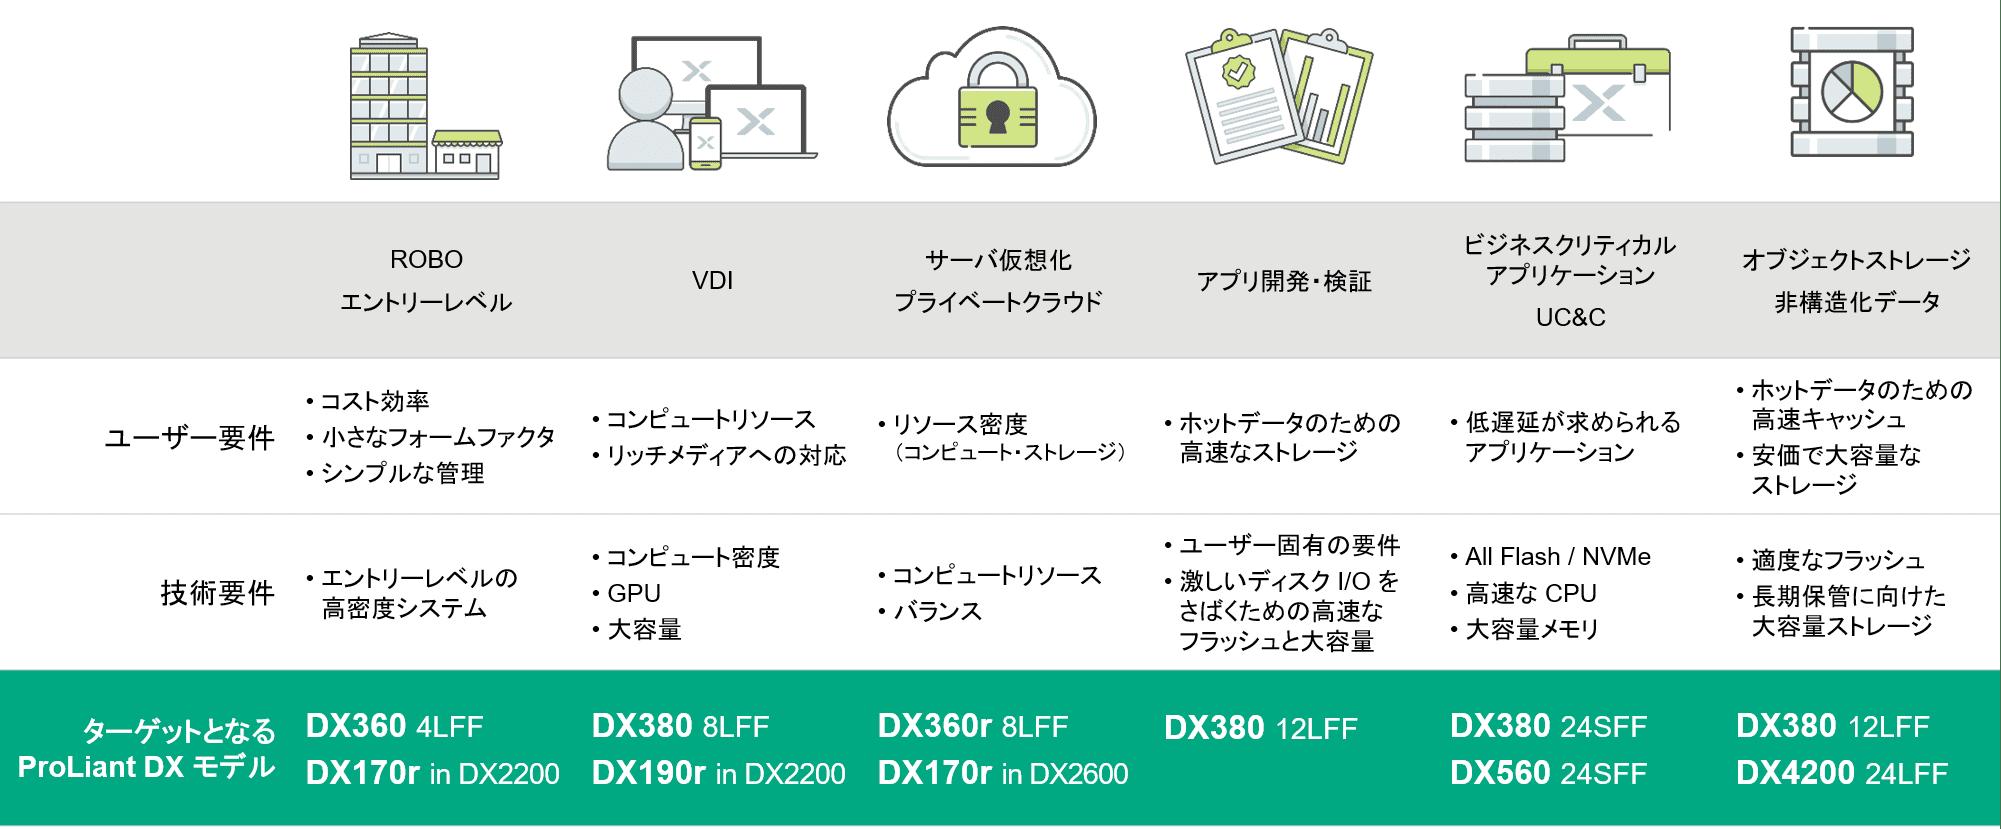 Nutanix_HPE_ワークロードの特性に合わせてPROLIANT DXモデルを選択